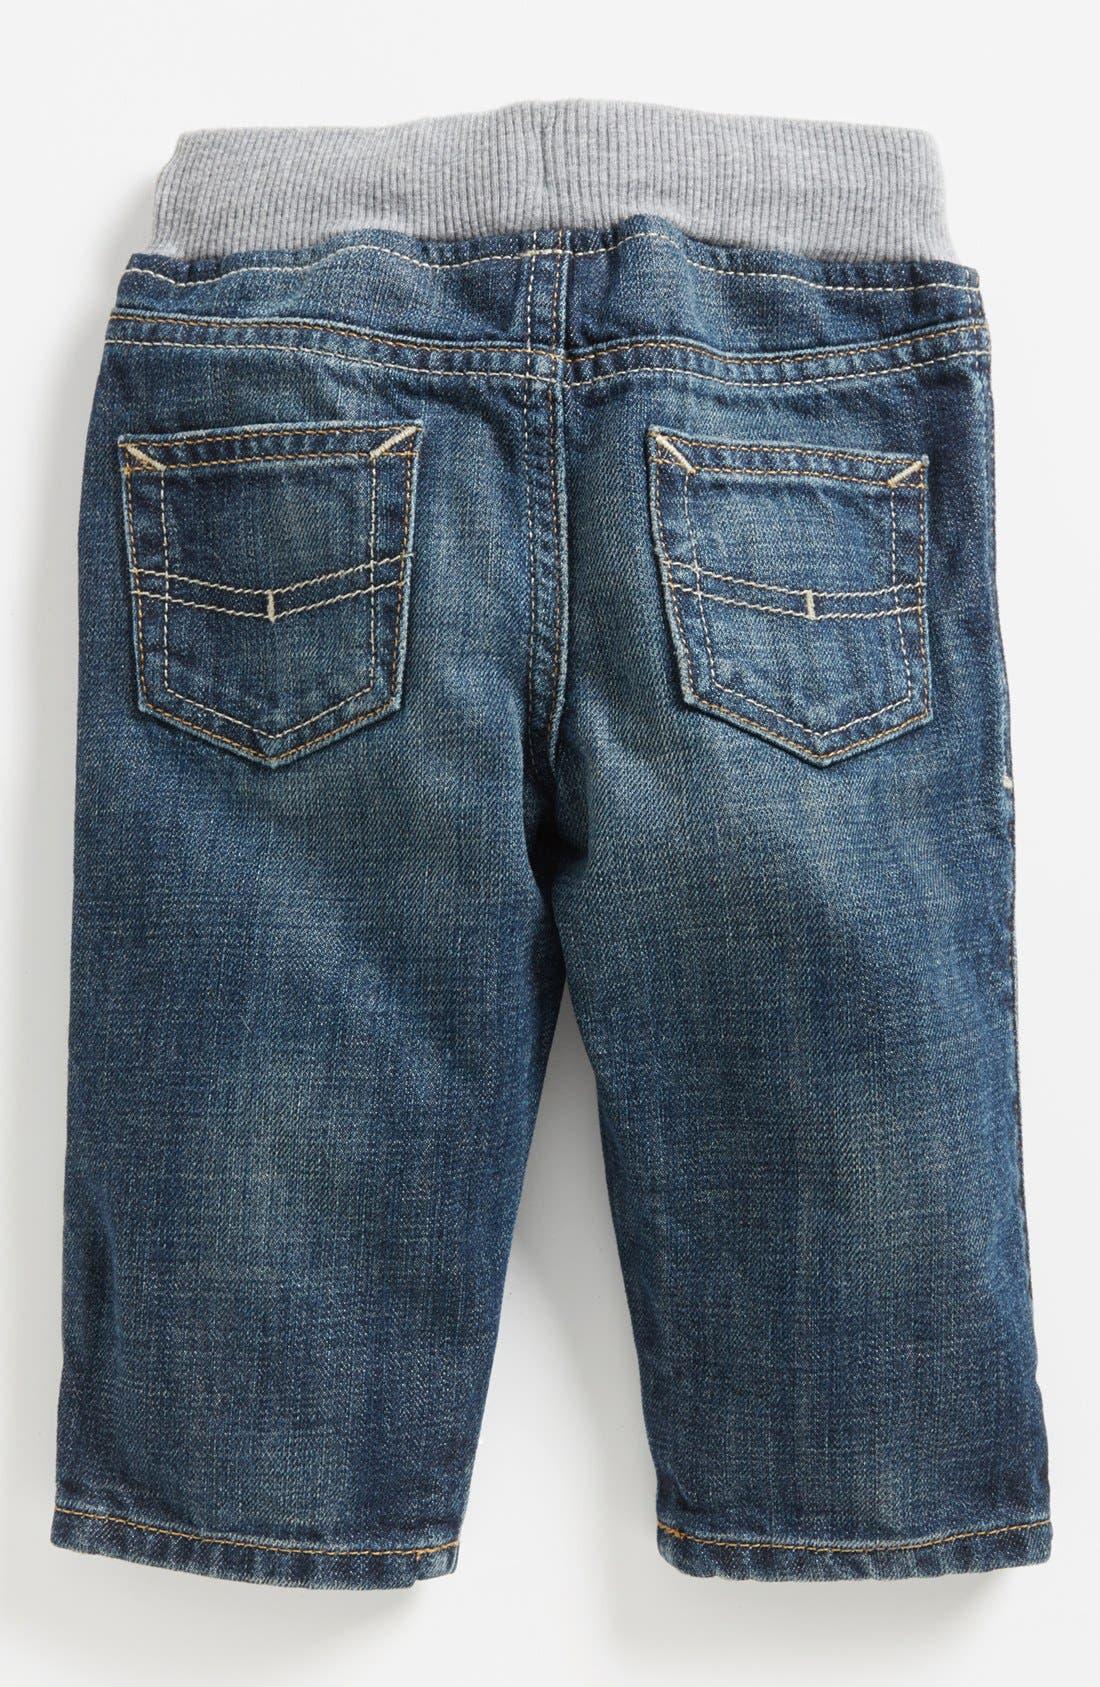 Main Image - Tucker + Tate Ribbed Waistband Jeans (Baby Boys)